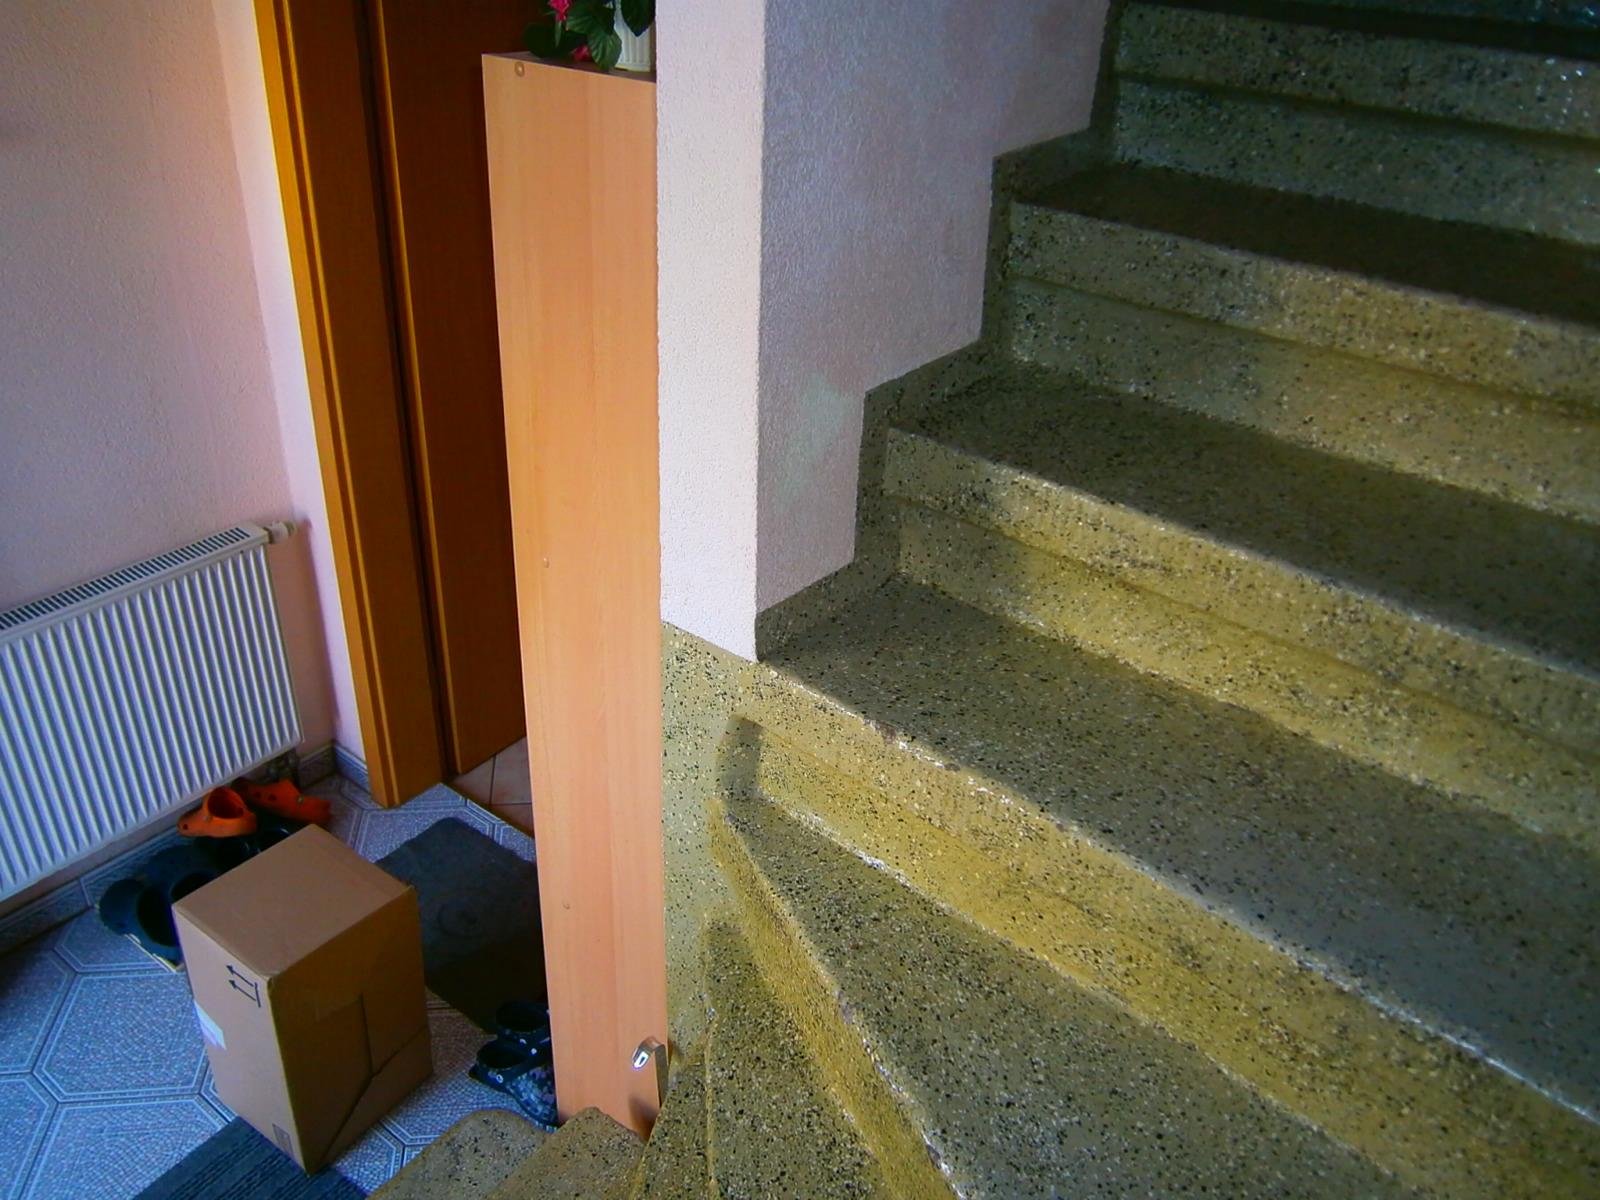 Steintreppe Erneuern h k treppenrenovierung eine betontreppe renovieren